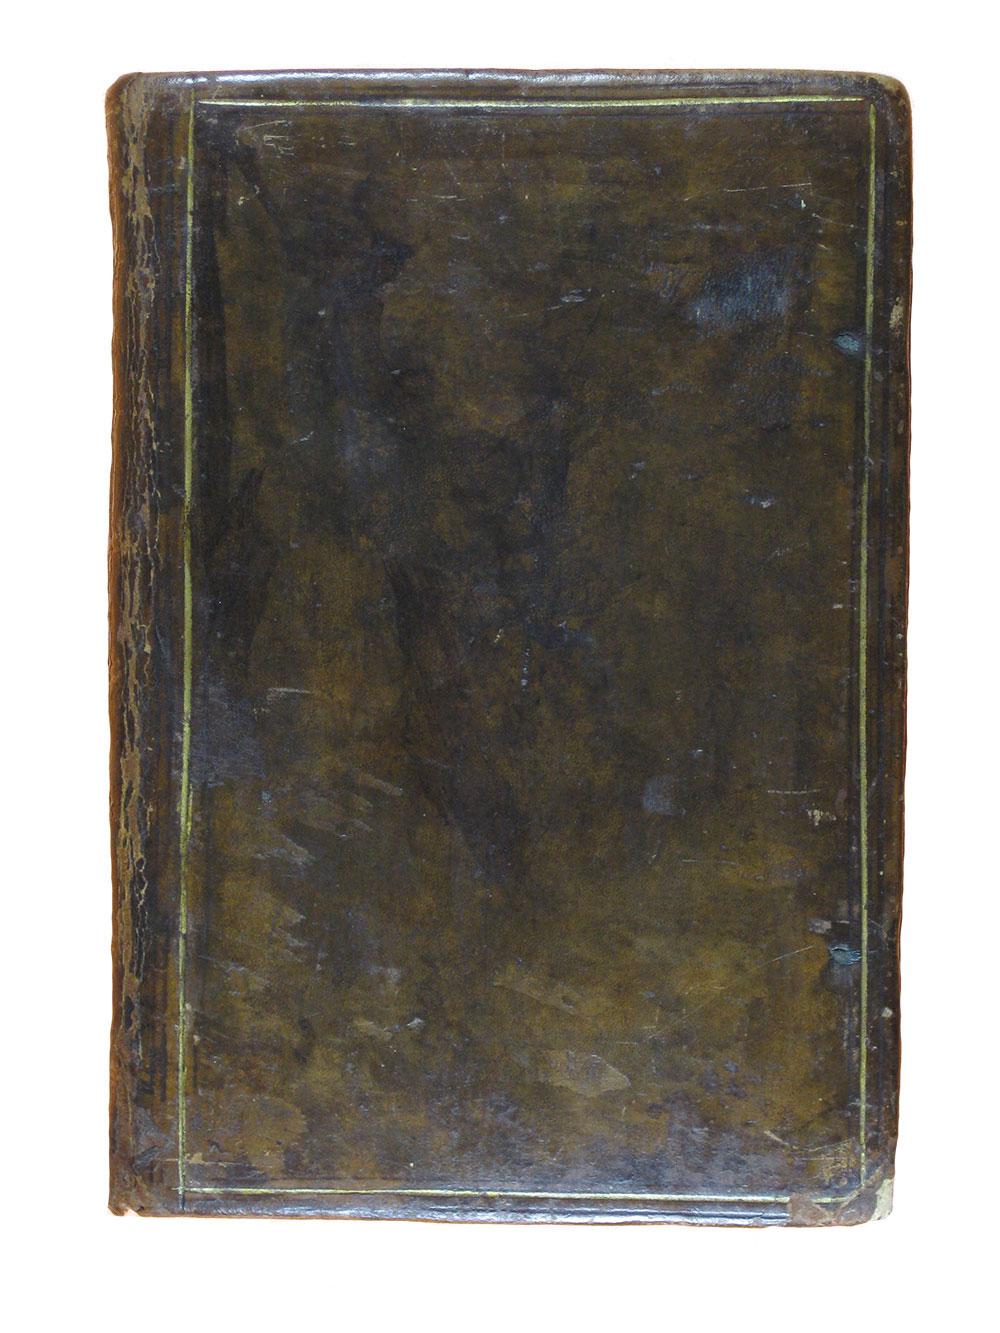 Vulgate Sternhold-Hopkins